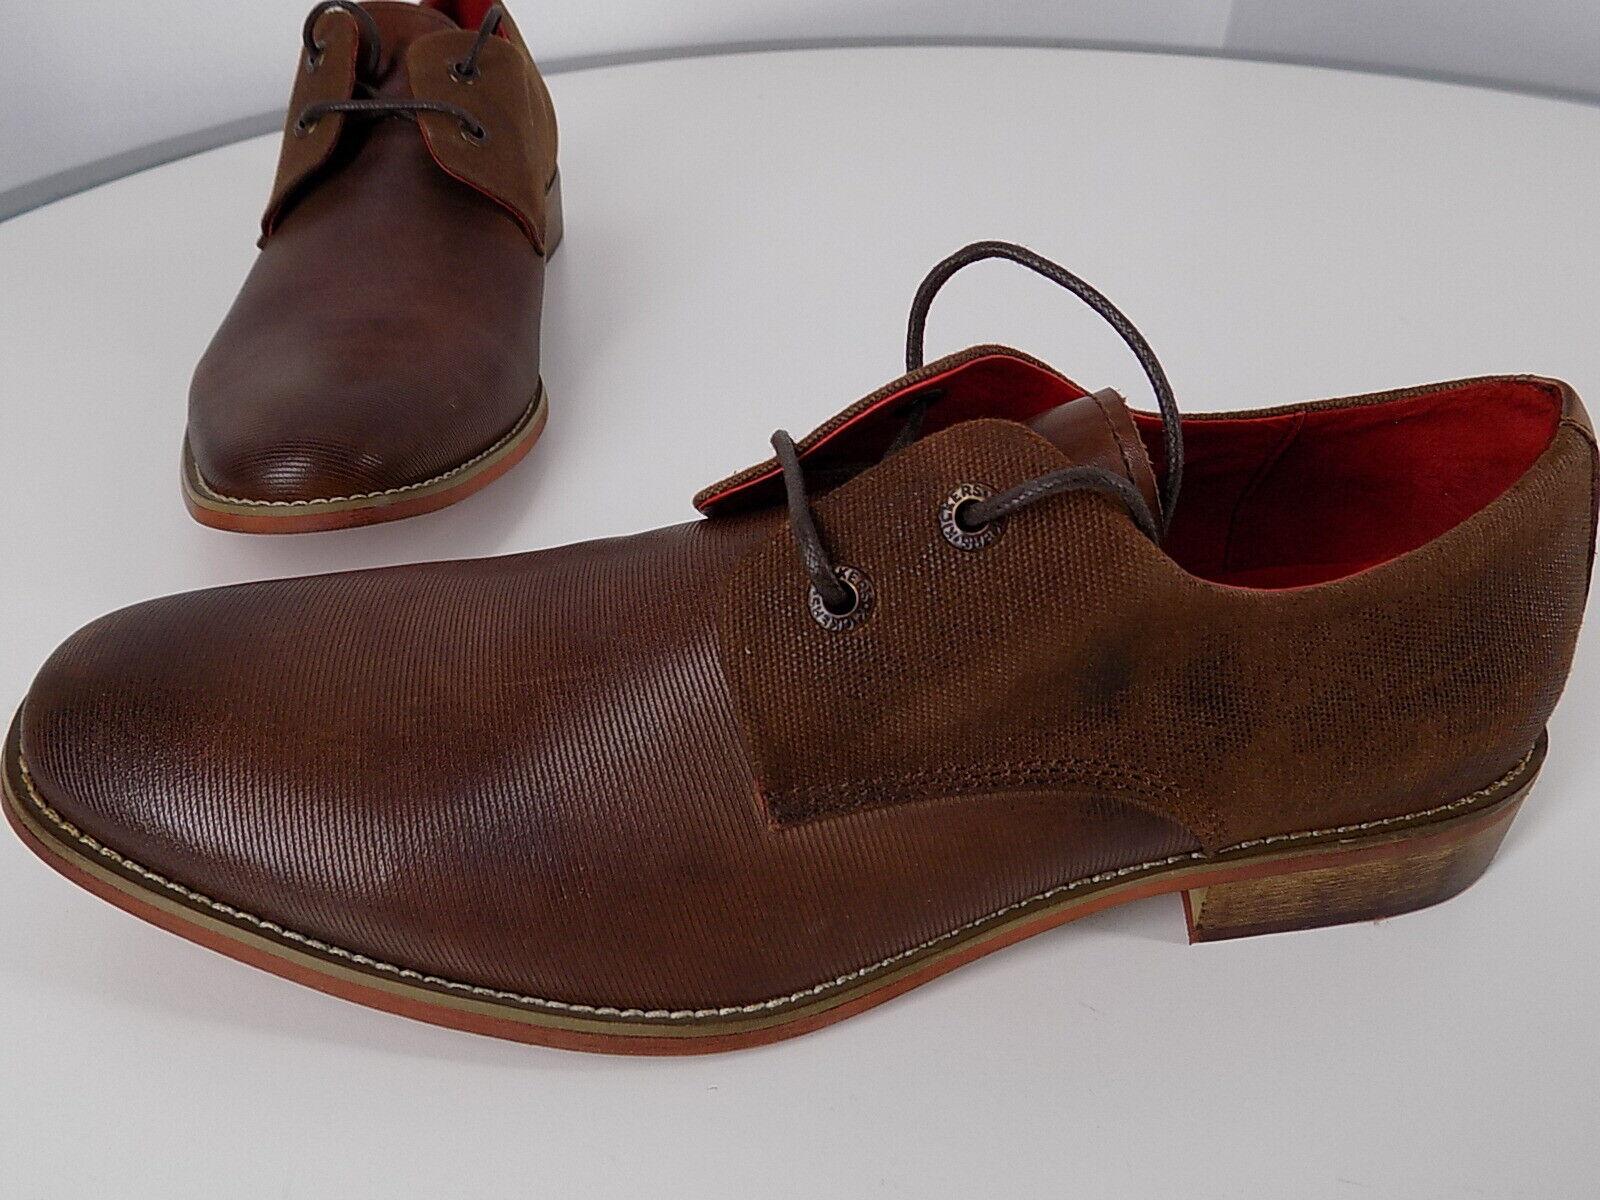 Los Kickers 9b o C tienen zapatos de cuero, muy bien, tal vez sólo los prueben.